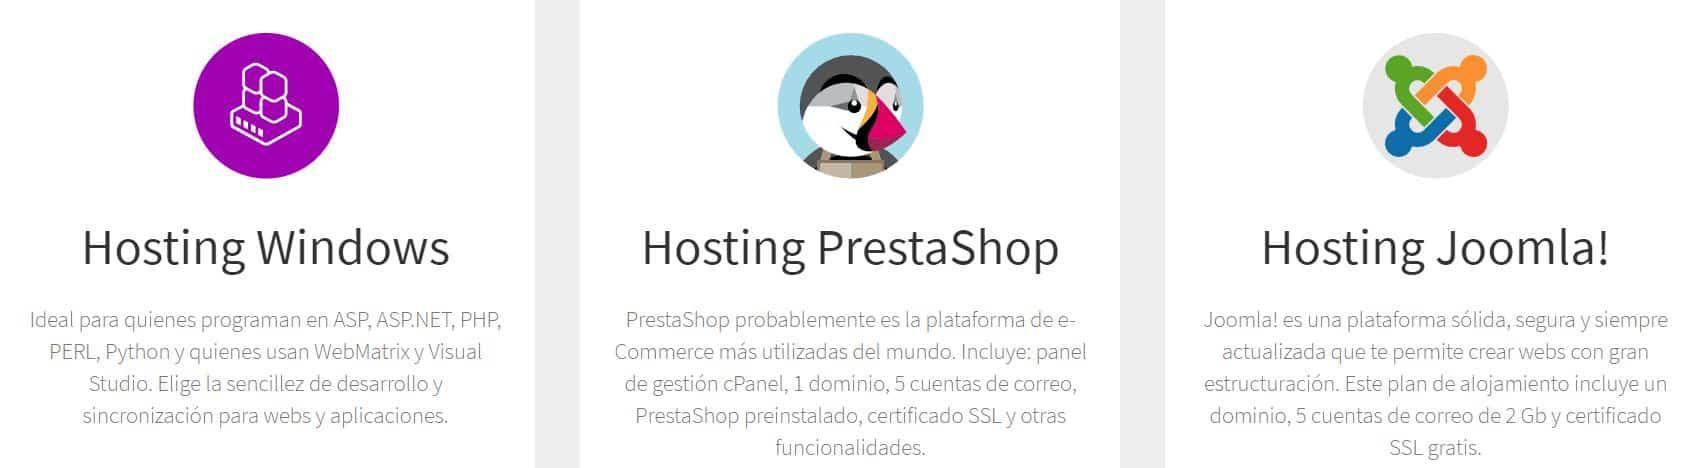 Nominalia es un proveedor de hosting con buenas opiniones.